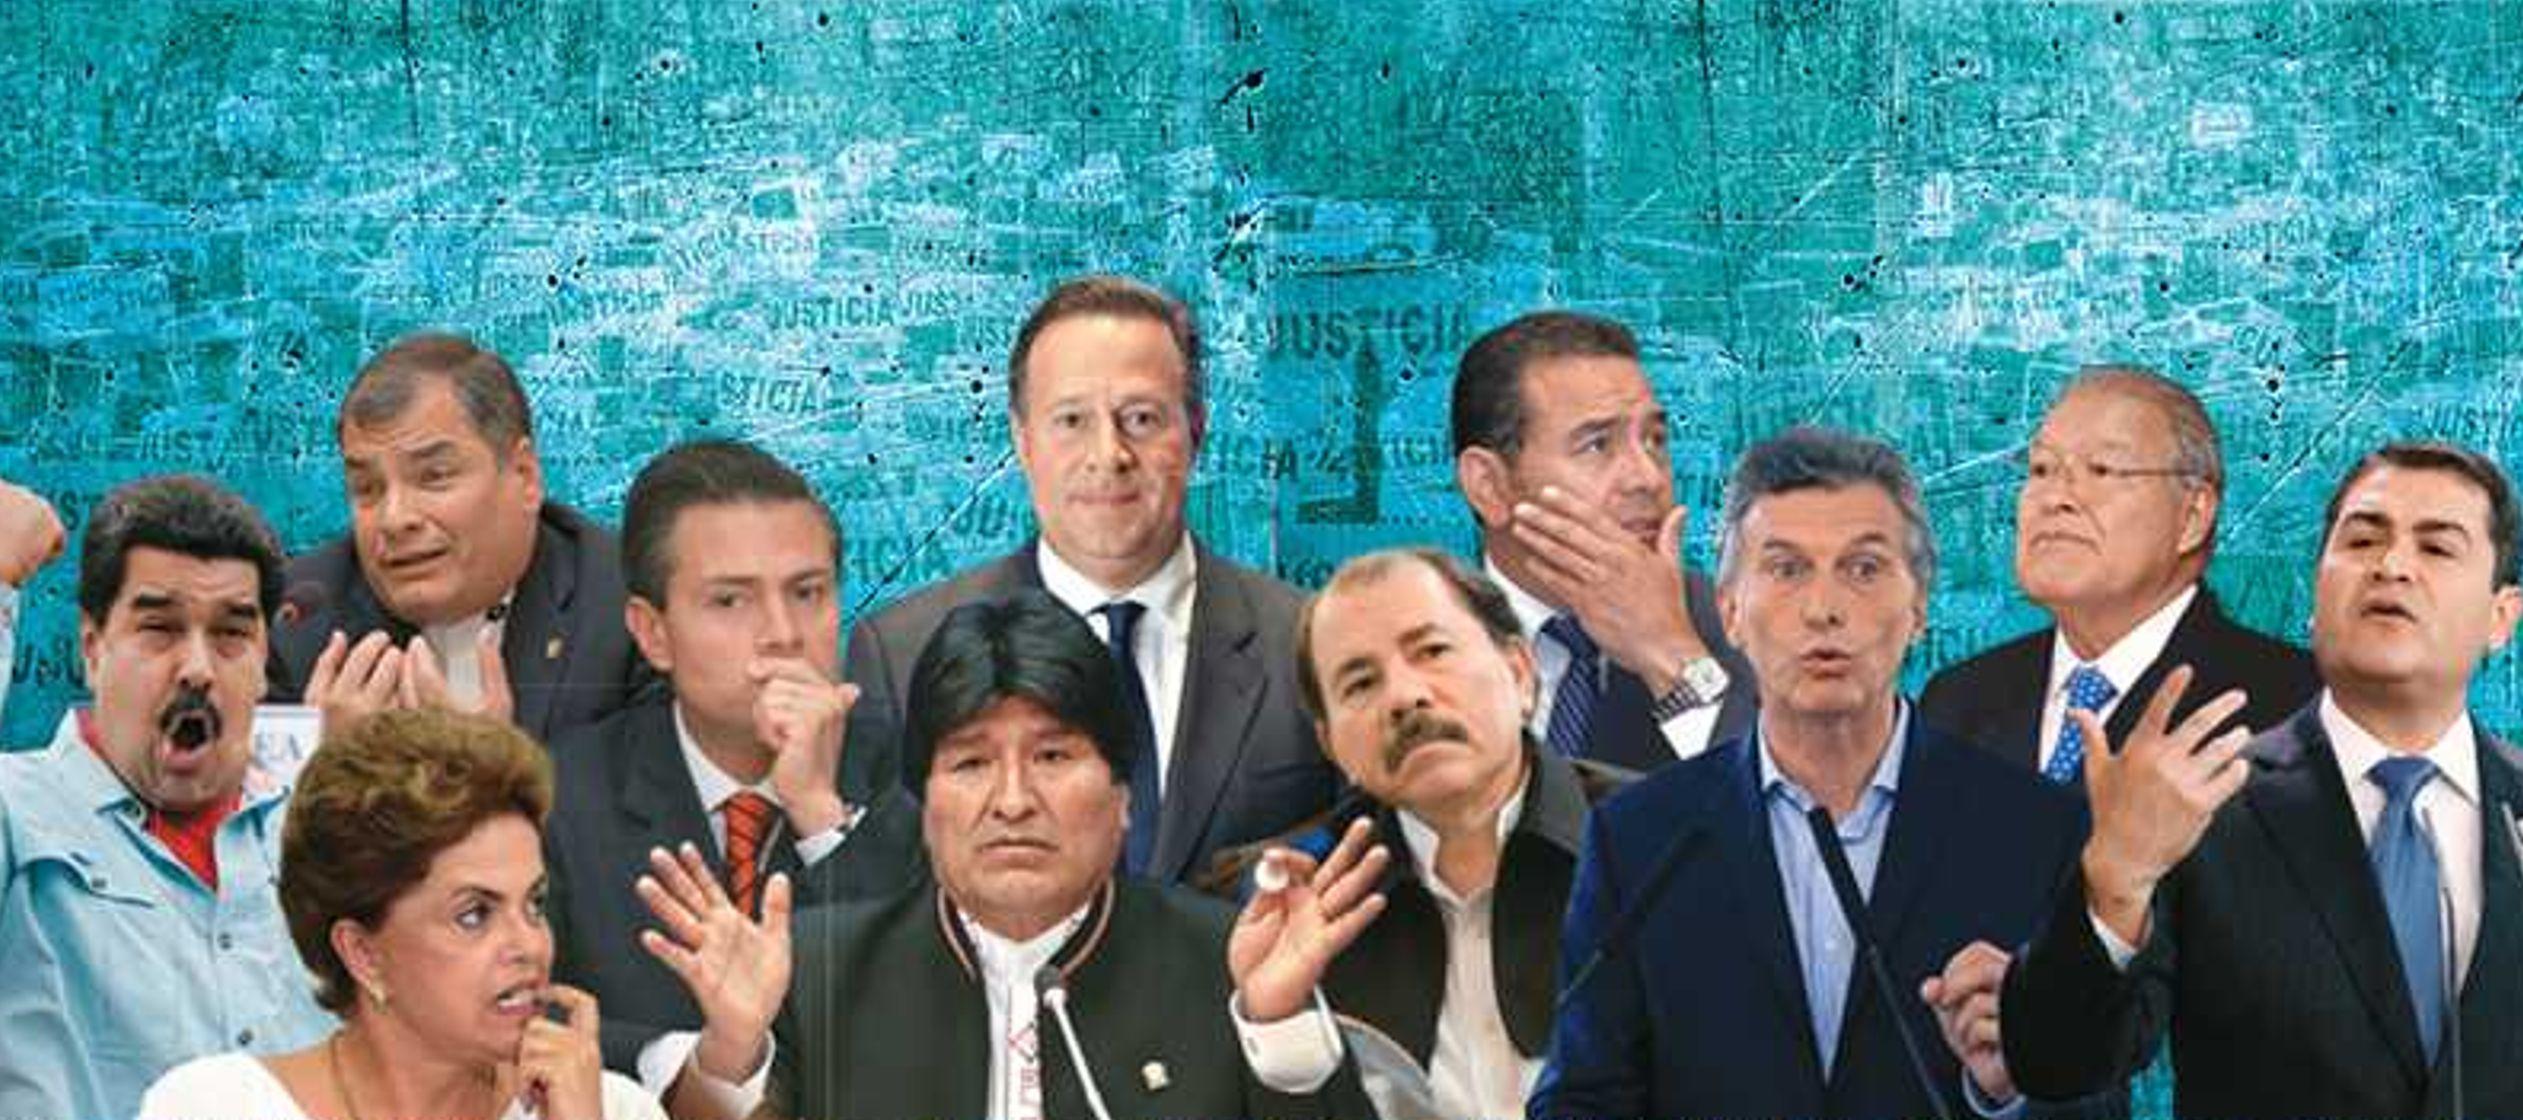 Jorge Glas, vicepresidente de Ecuador durante el mandato de Rafael Correa, fue condenado a seis...